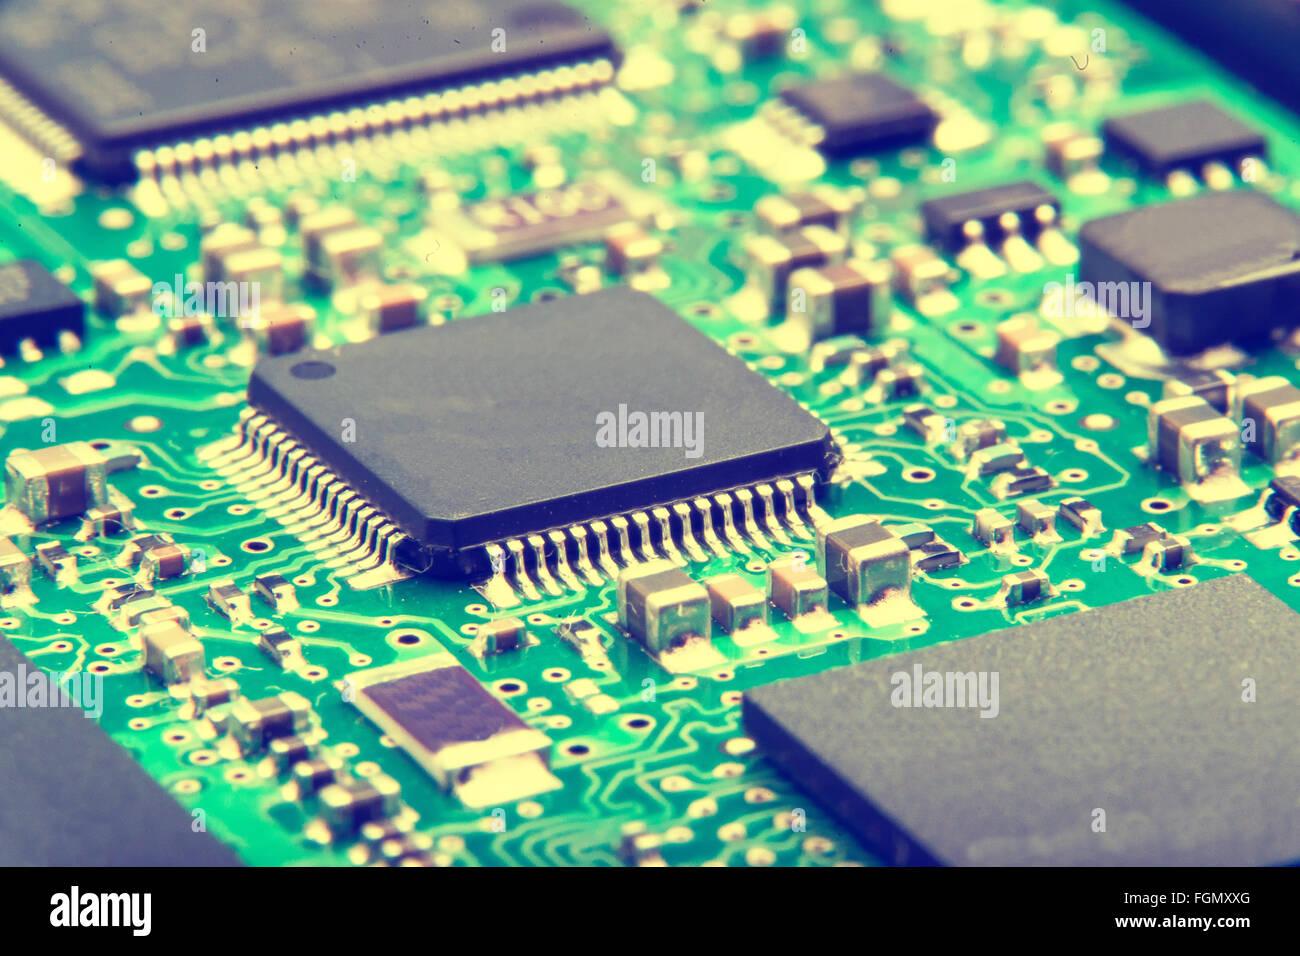 Platine électronique close up. PCB vert Photo Stock